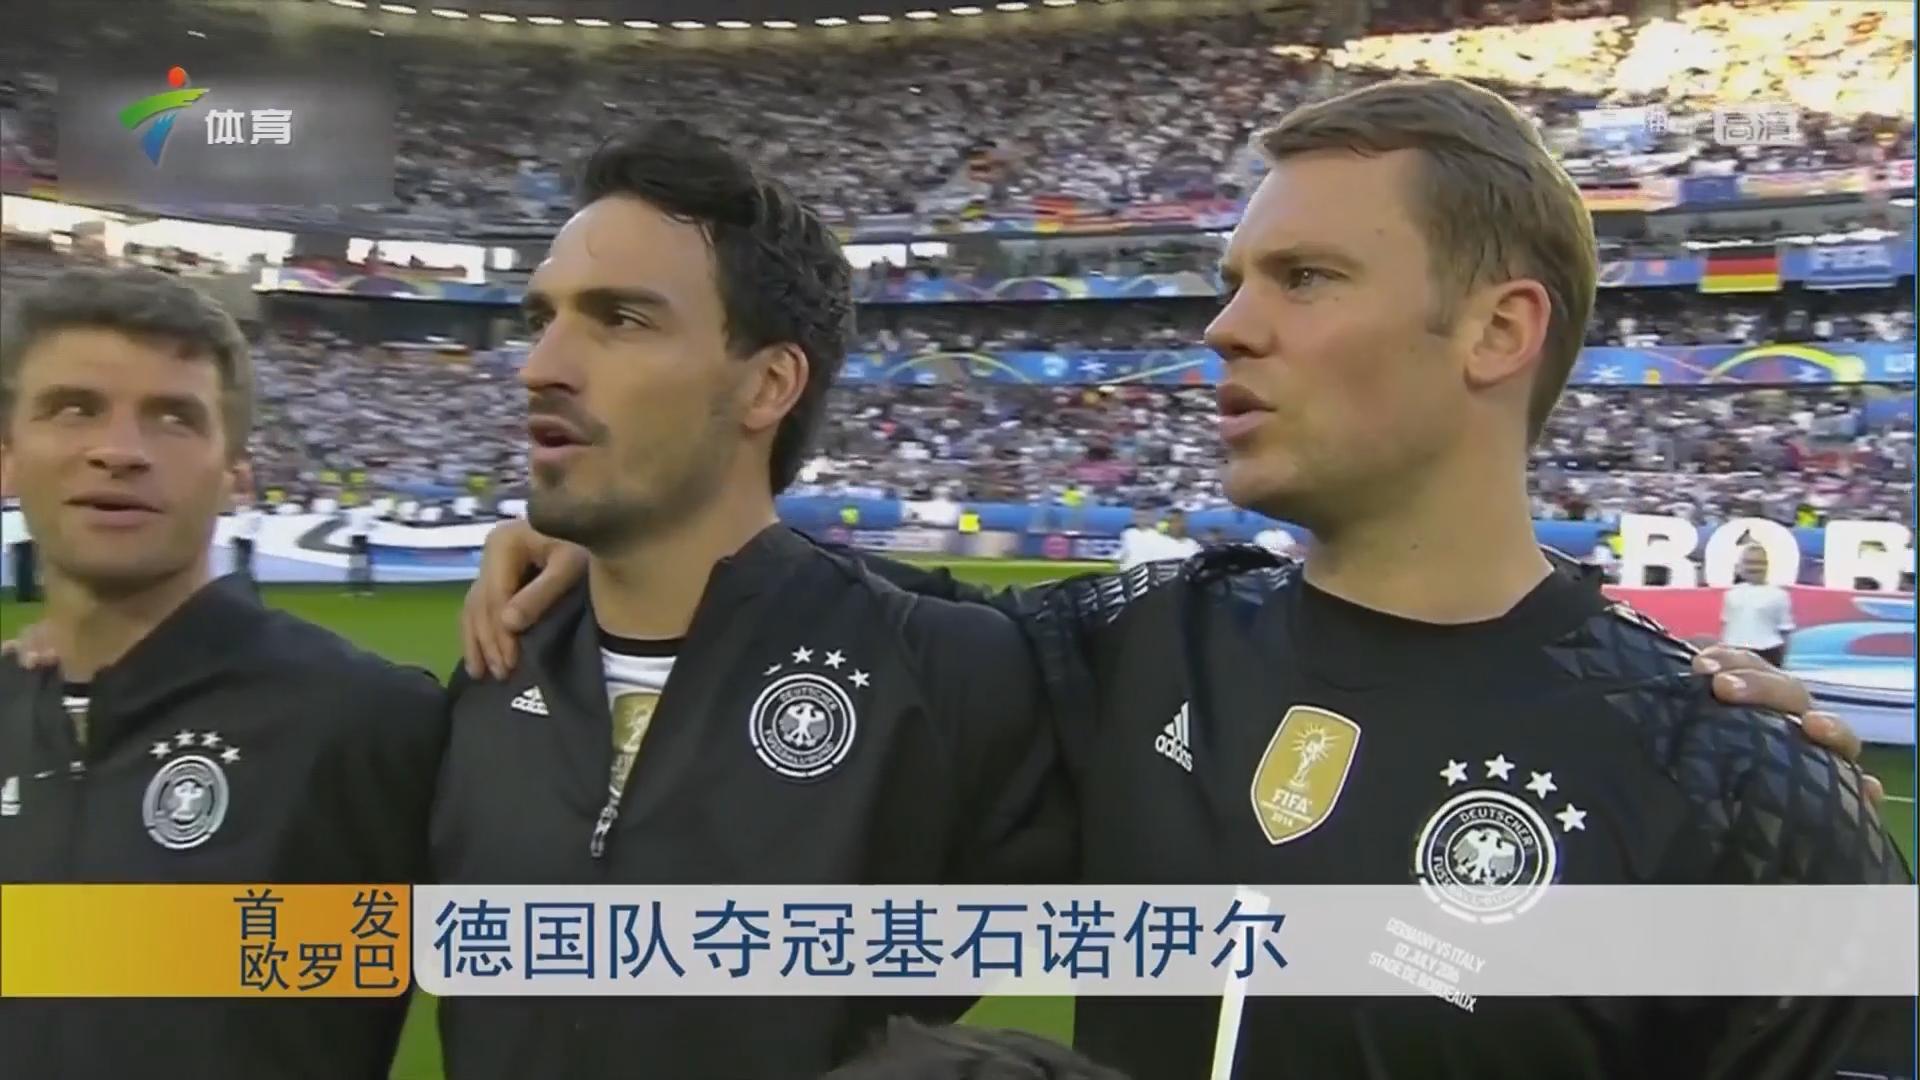 德国队夺冠基石诺伊尔